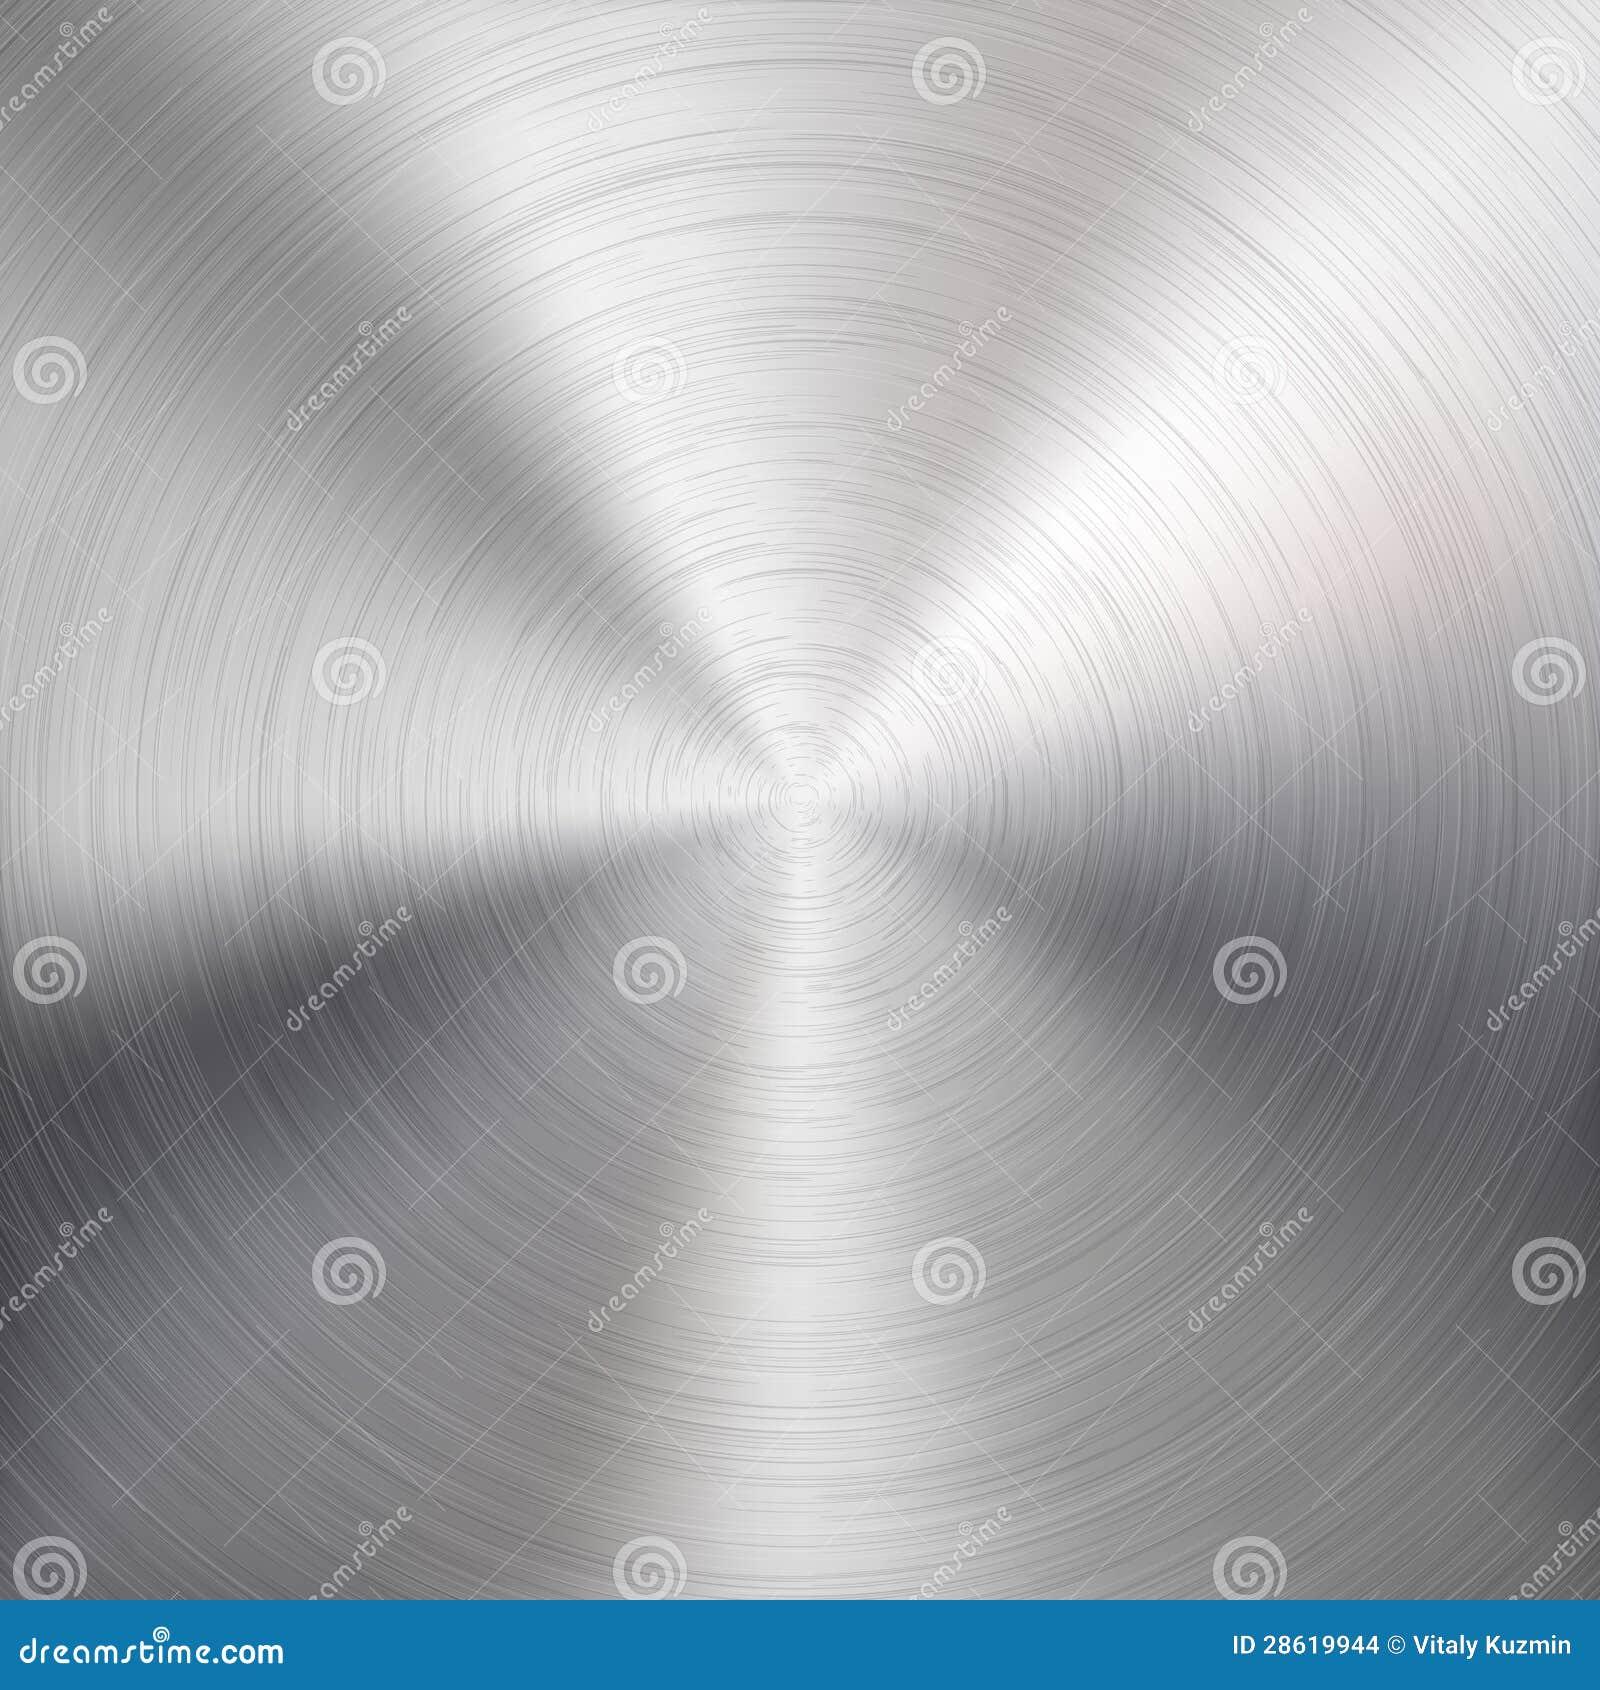 Fondo con textura aplicada con brocha metal circular